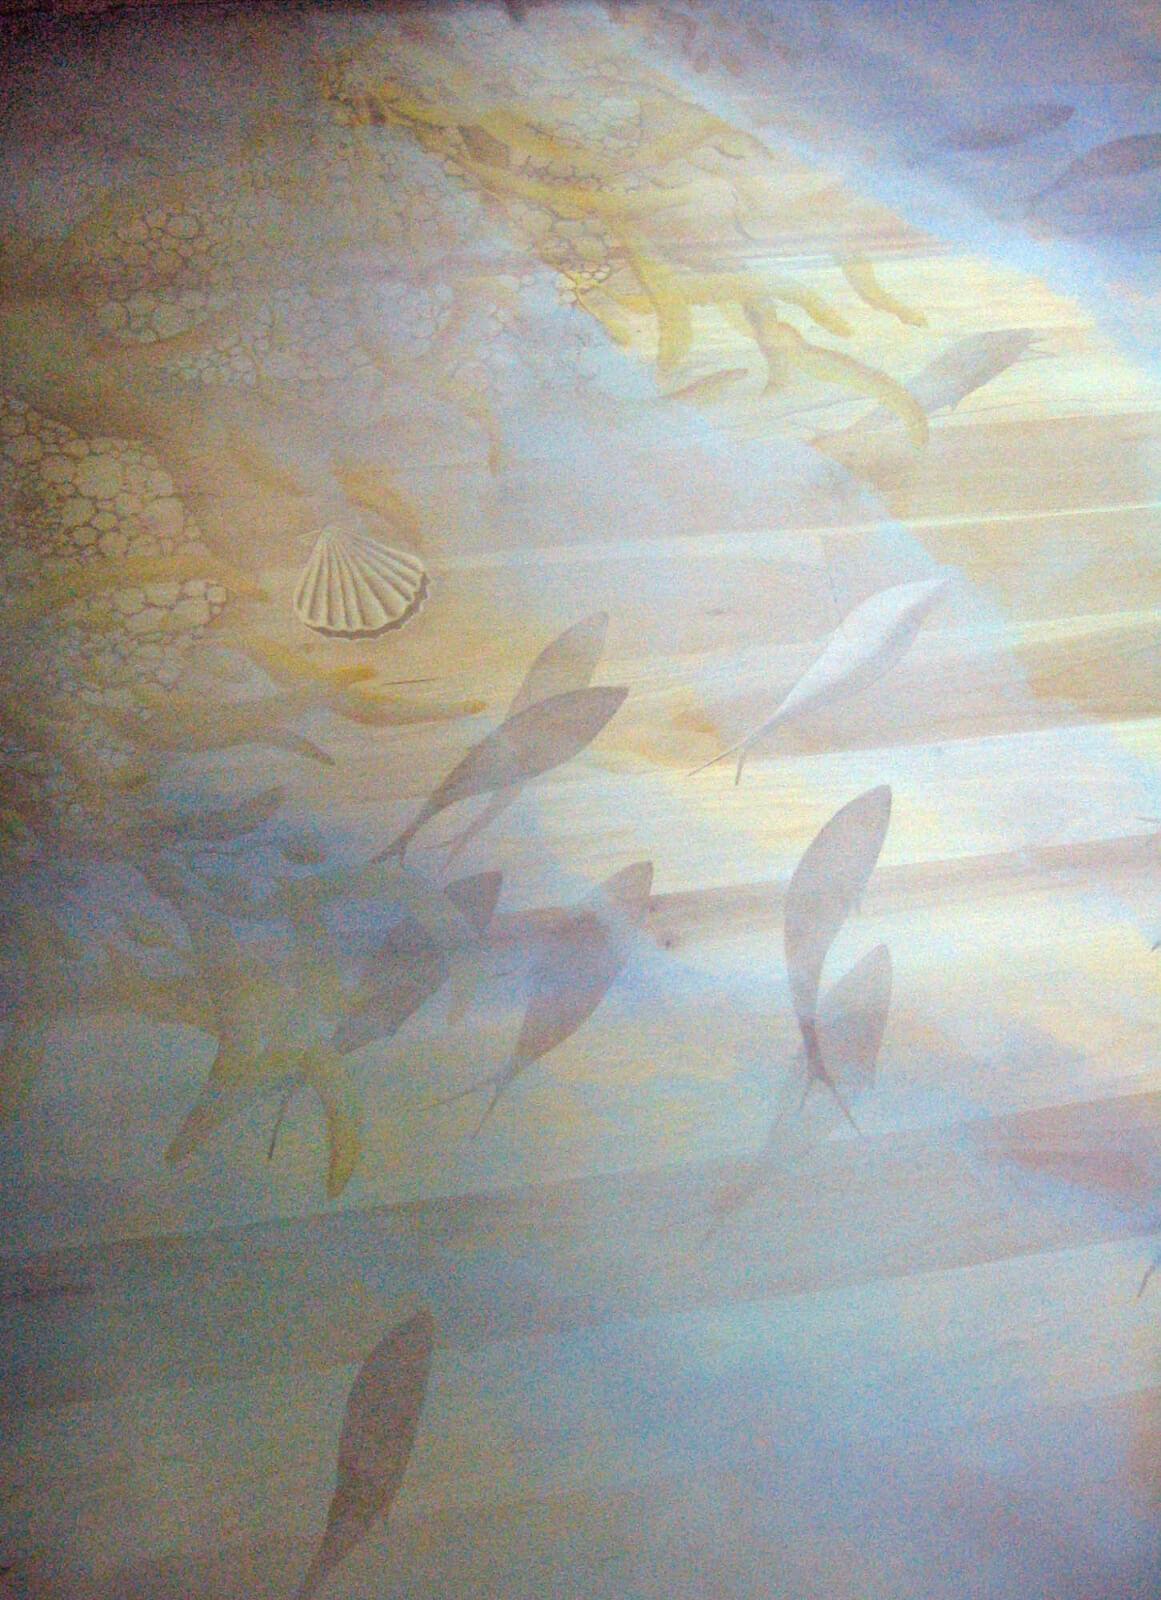 Floors Zoe Design - Ocean floor painting